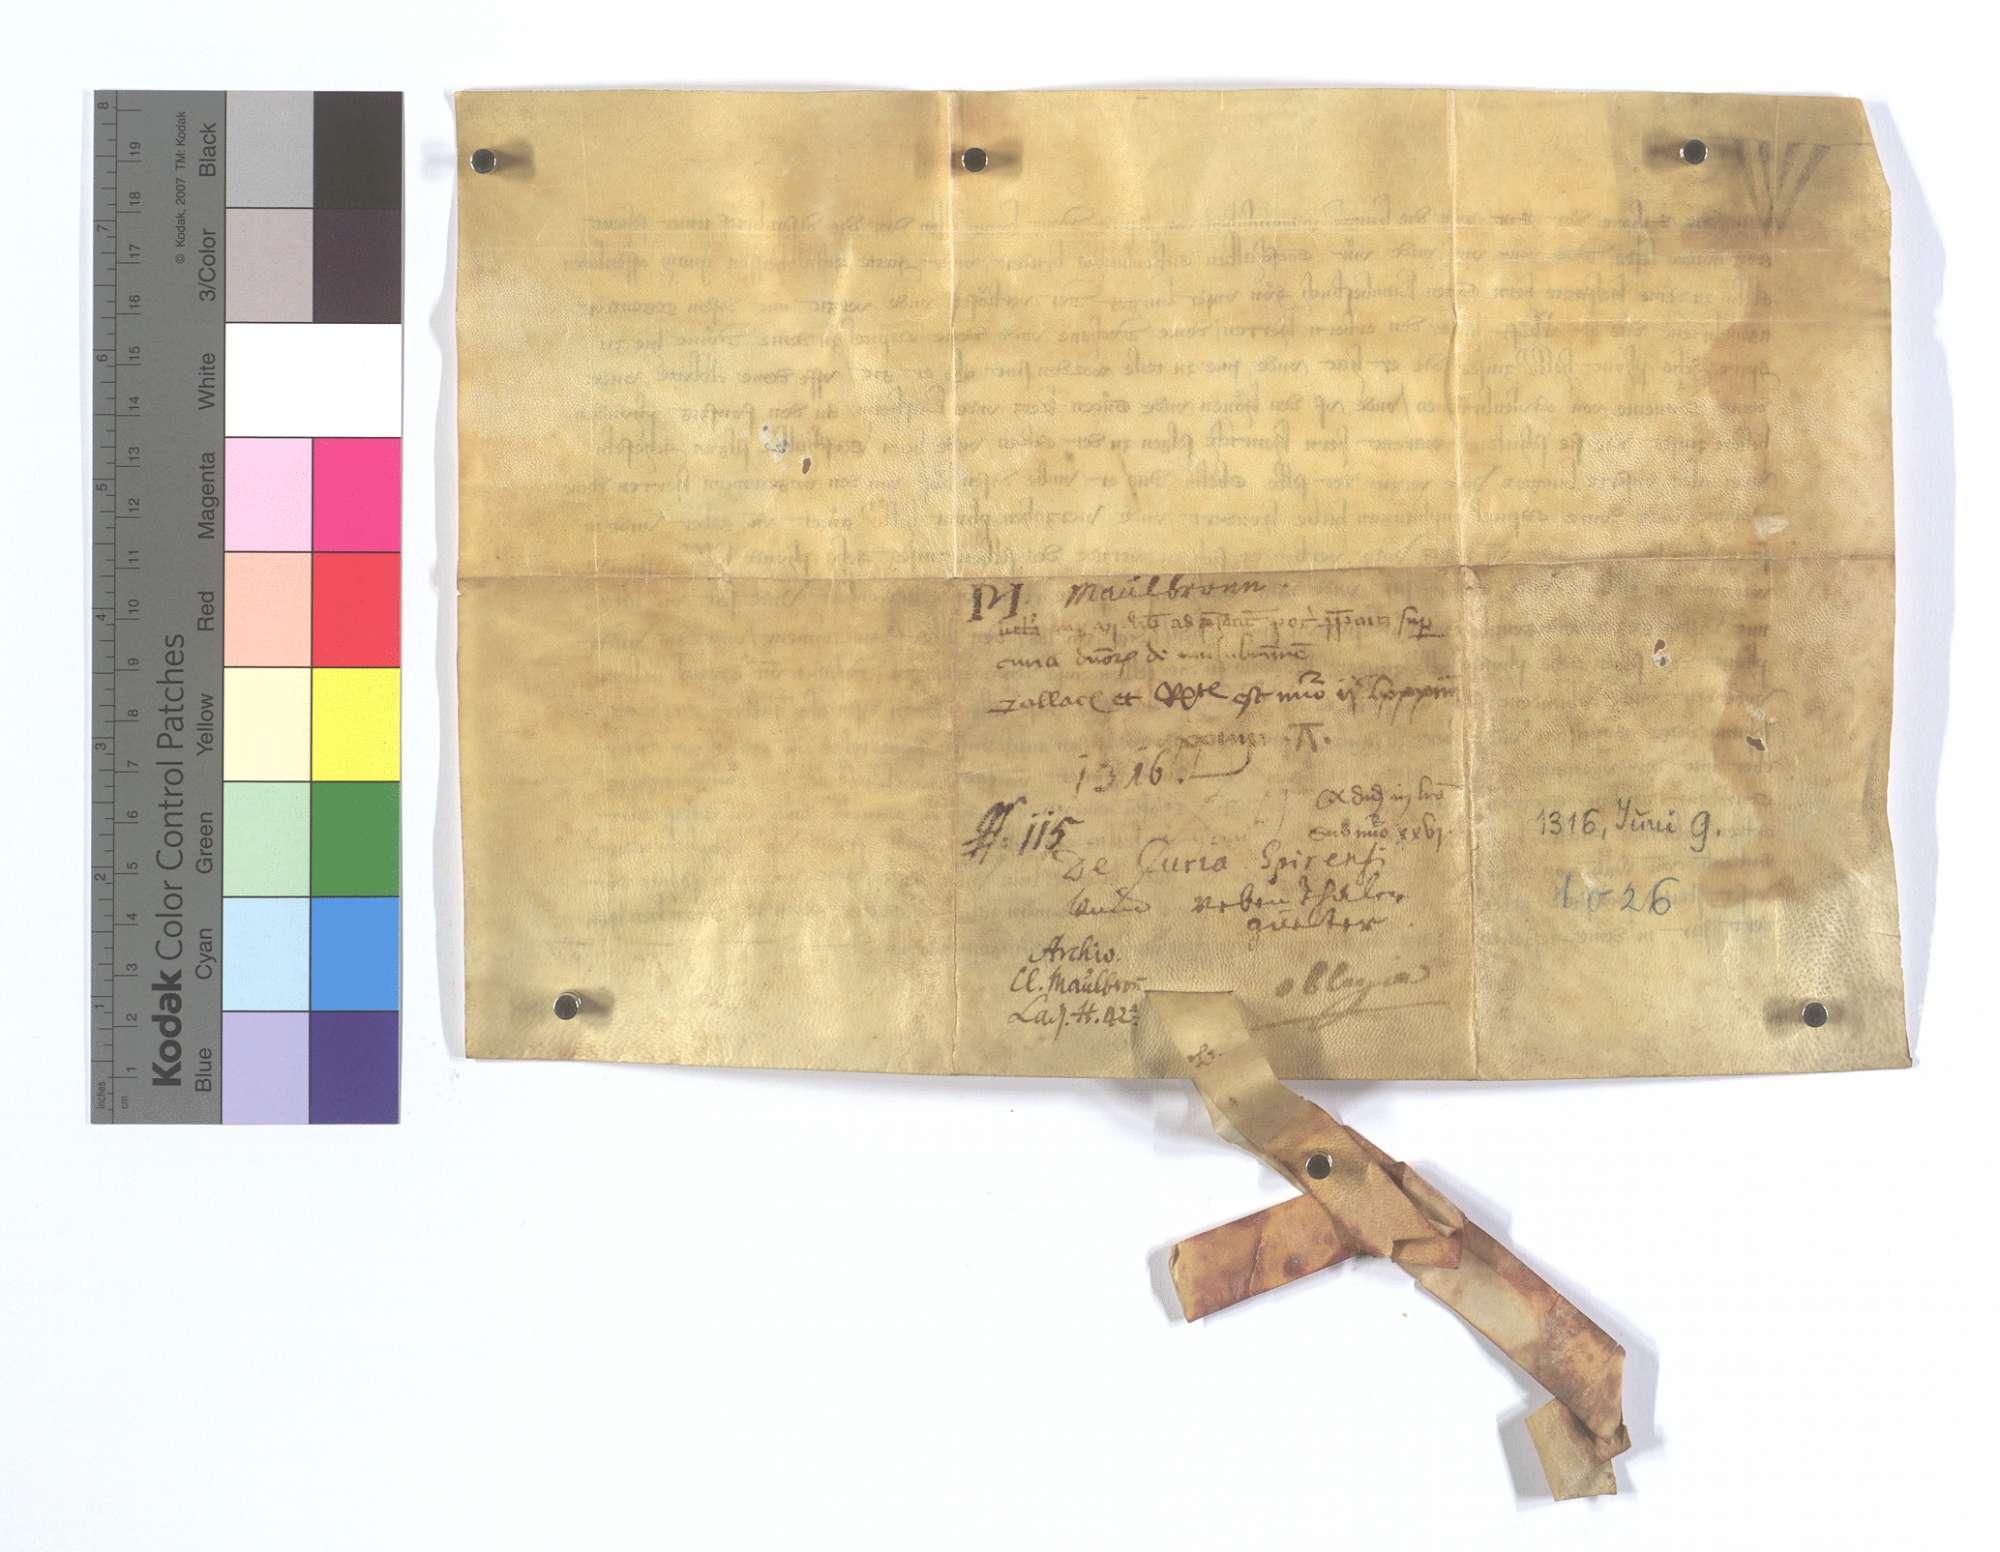 Eblin Helfant und seine Frau verkaufen dem Domstift in Speyer einen jährlichen Zins von 6 Pfund Heller aus den zwei Höfen des Klosters Maulbronn in Ketsch und Lußheim., Rückseite